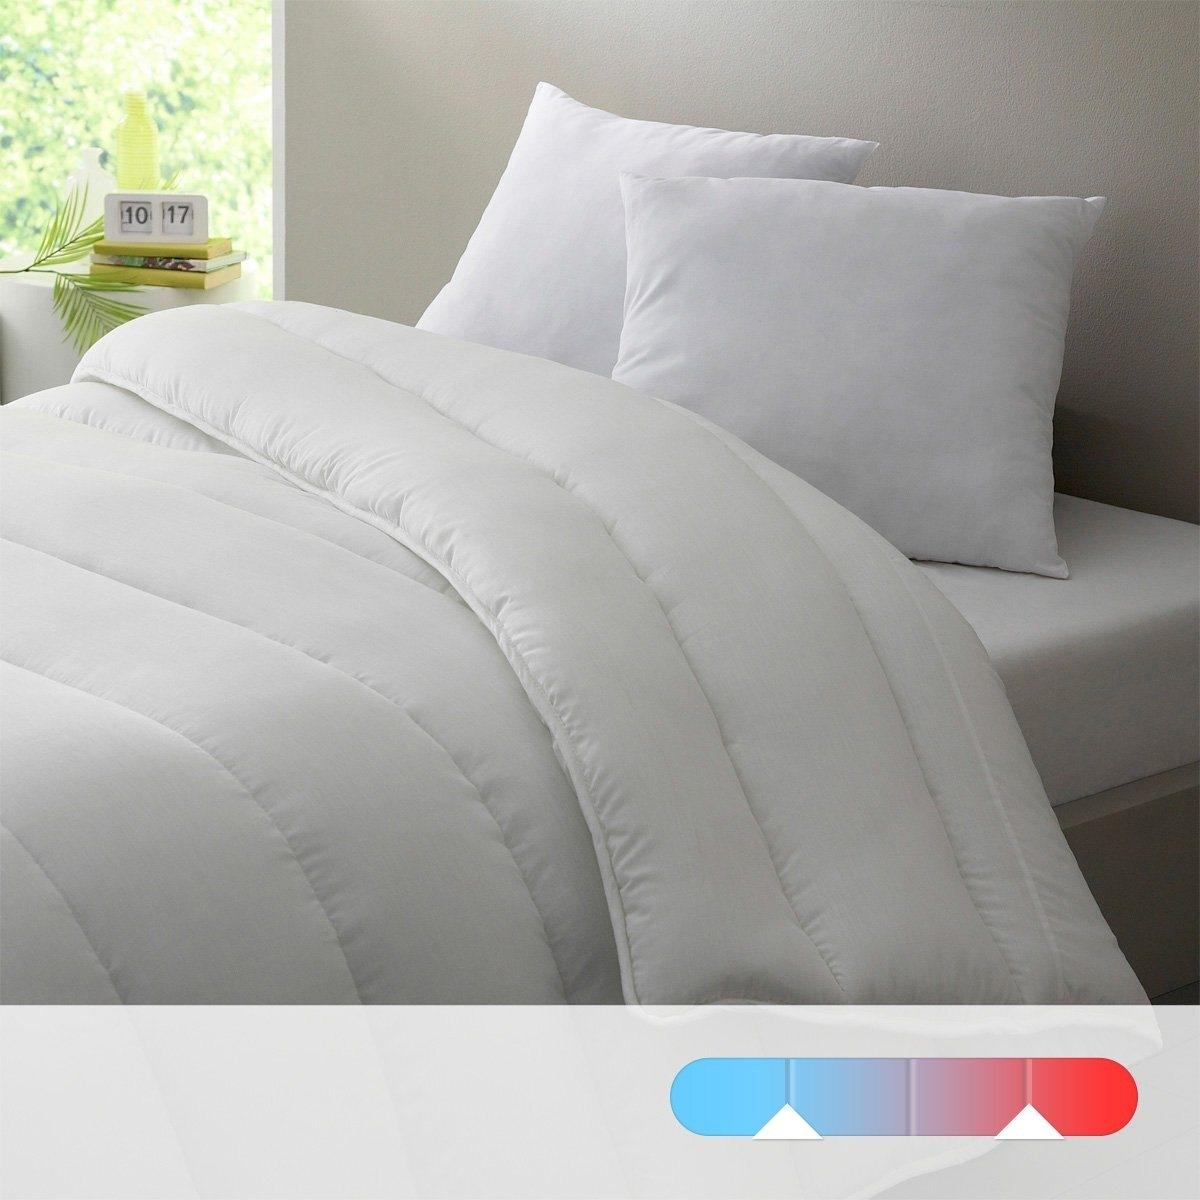 Двойное одеяло LA REDOUTE CREATIONДвойное одеяло из 100% полиэстера, полые силиконизированные волокна для большего комфорта. Прекрасное соотношение цены и качества. Идеально в любое время года: одно одеяло  175 г/м? для лета, + 1 одеяло 300г/м? для межсезонья и оба одеяла соединяются завязками для зимы. Наполнитель: 100% полиэстера, полые силиконизированные волокна. Чехол: 100% полиэстера. Отделка кантом. Простежка по косой. Стирка при 30°.<br><br>Цвет: белый<br>Размер: 200 x 200  см